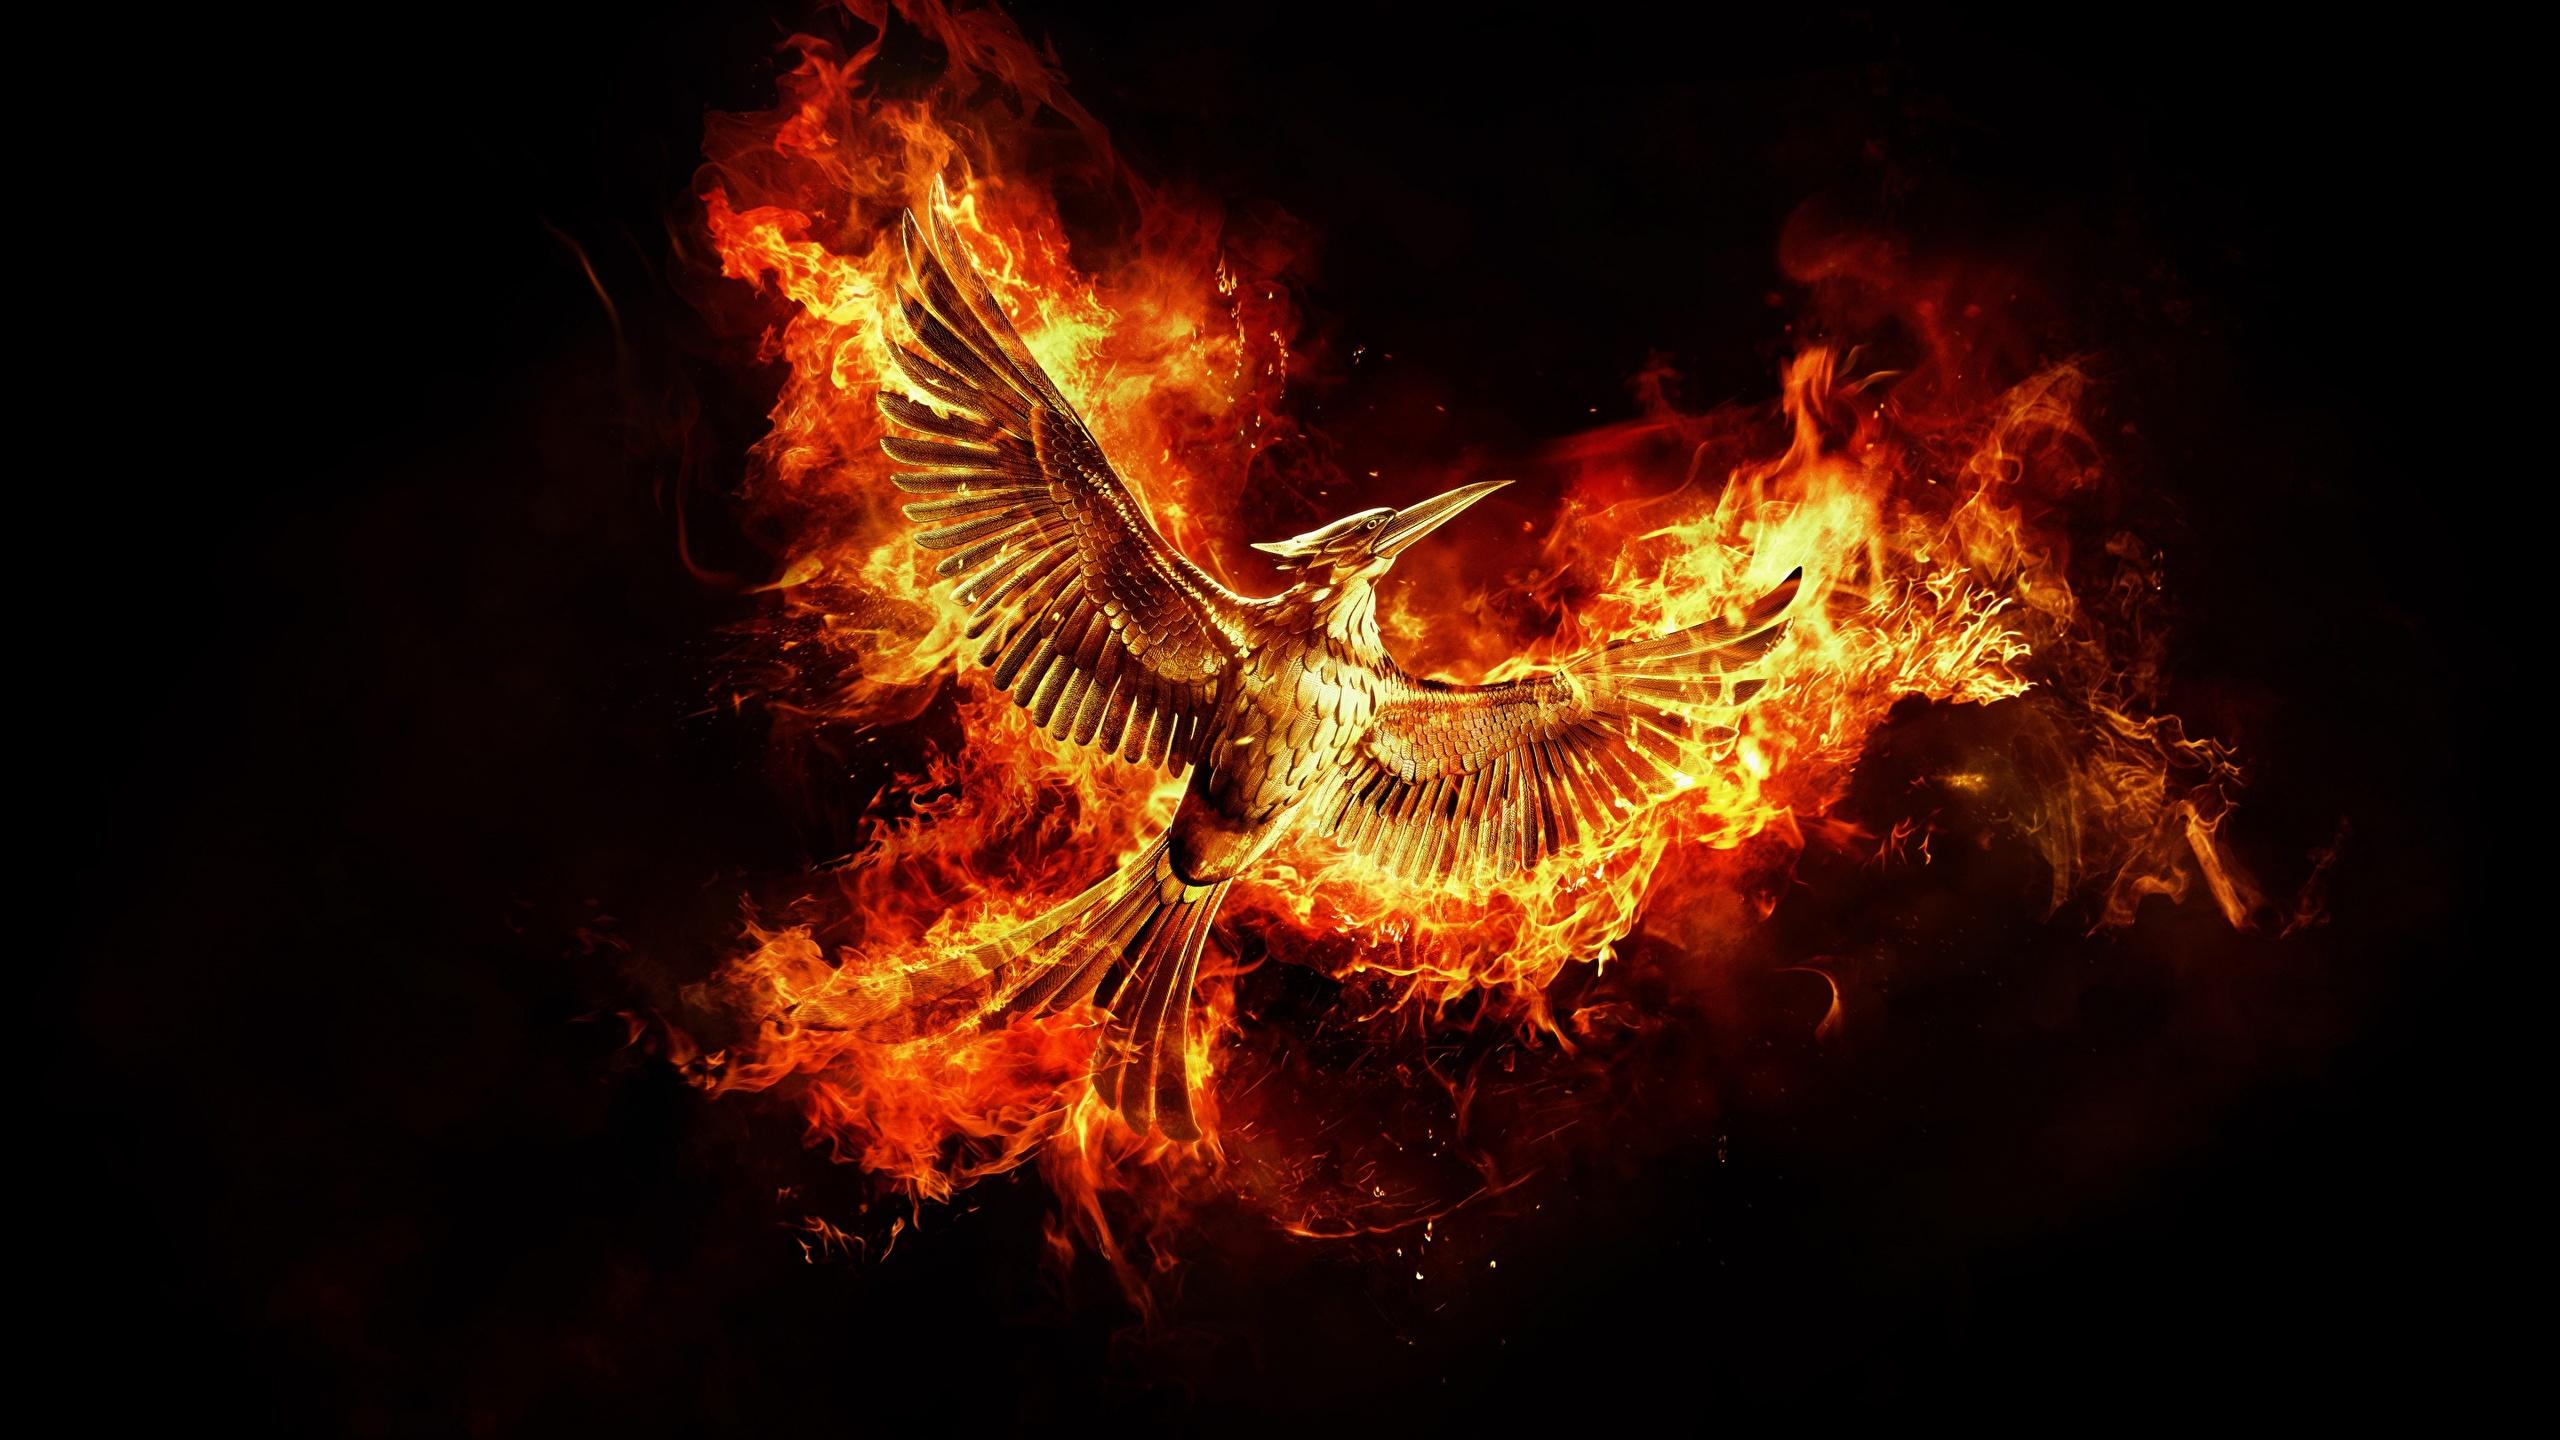 Картинки Птицы Феникс Фэнтези Огонь Черный фон 2560x1440